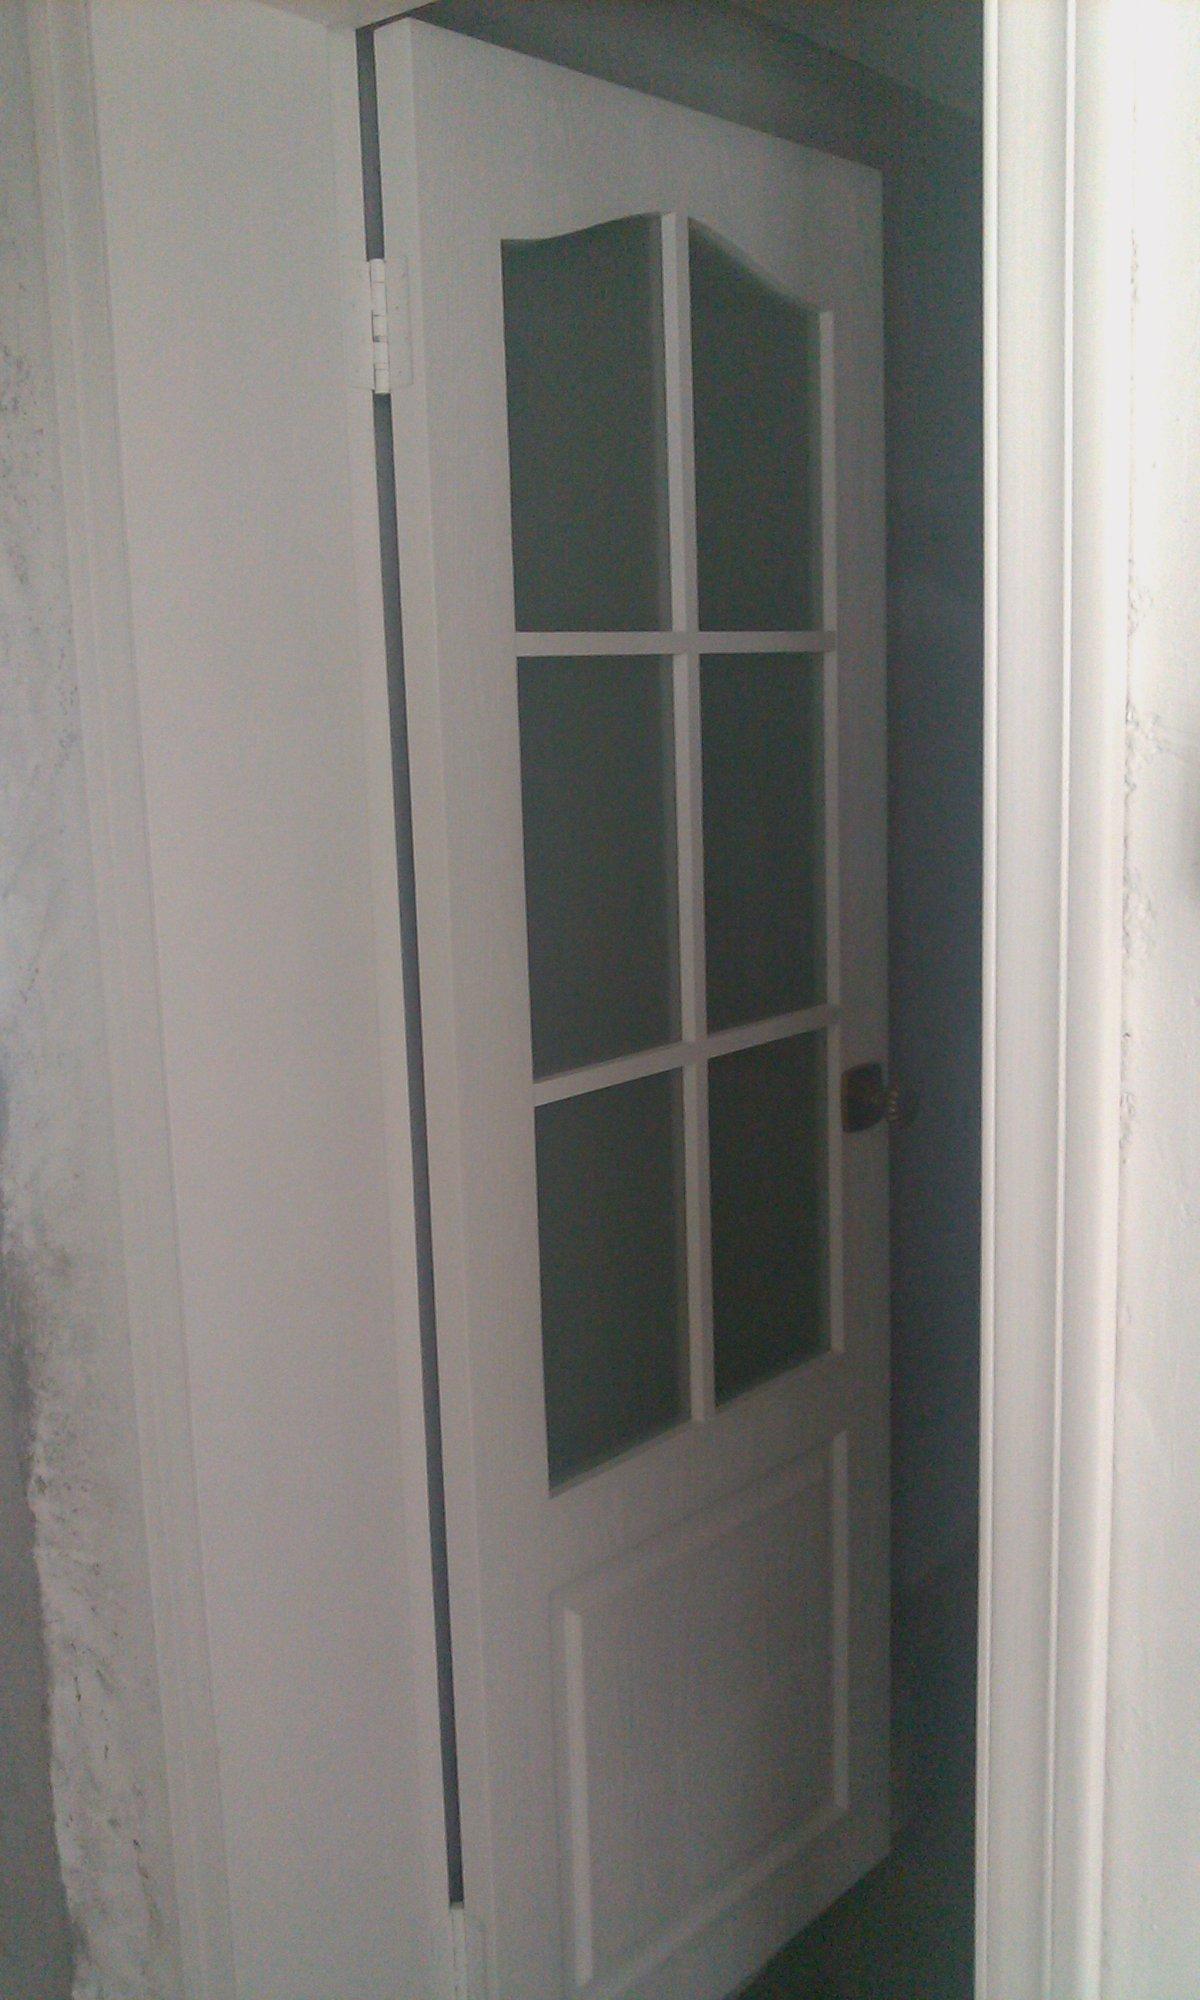 欧式窗户的格子都做歪了